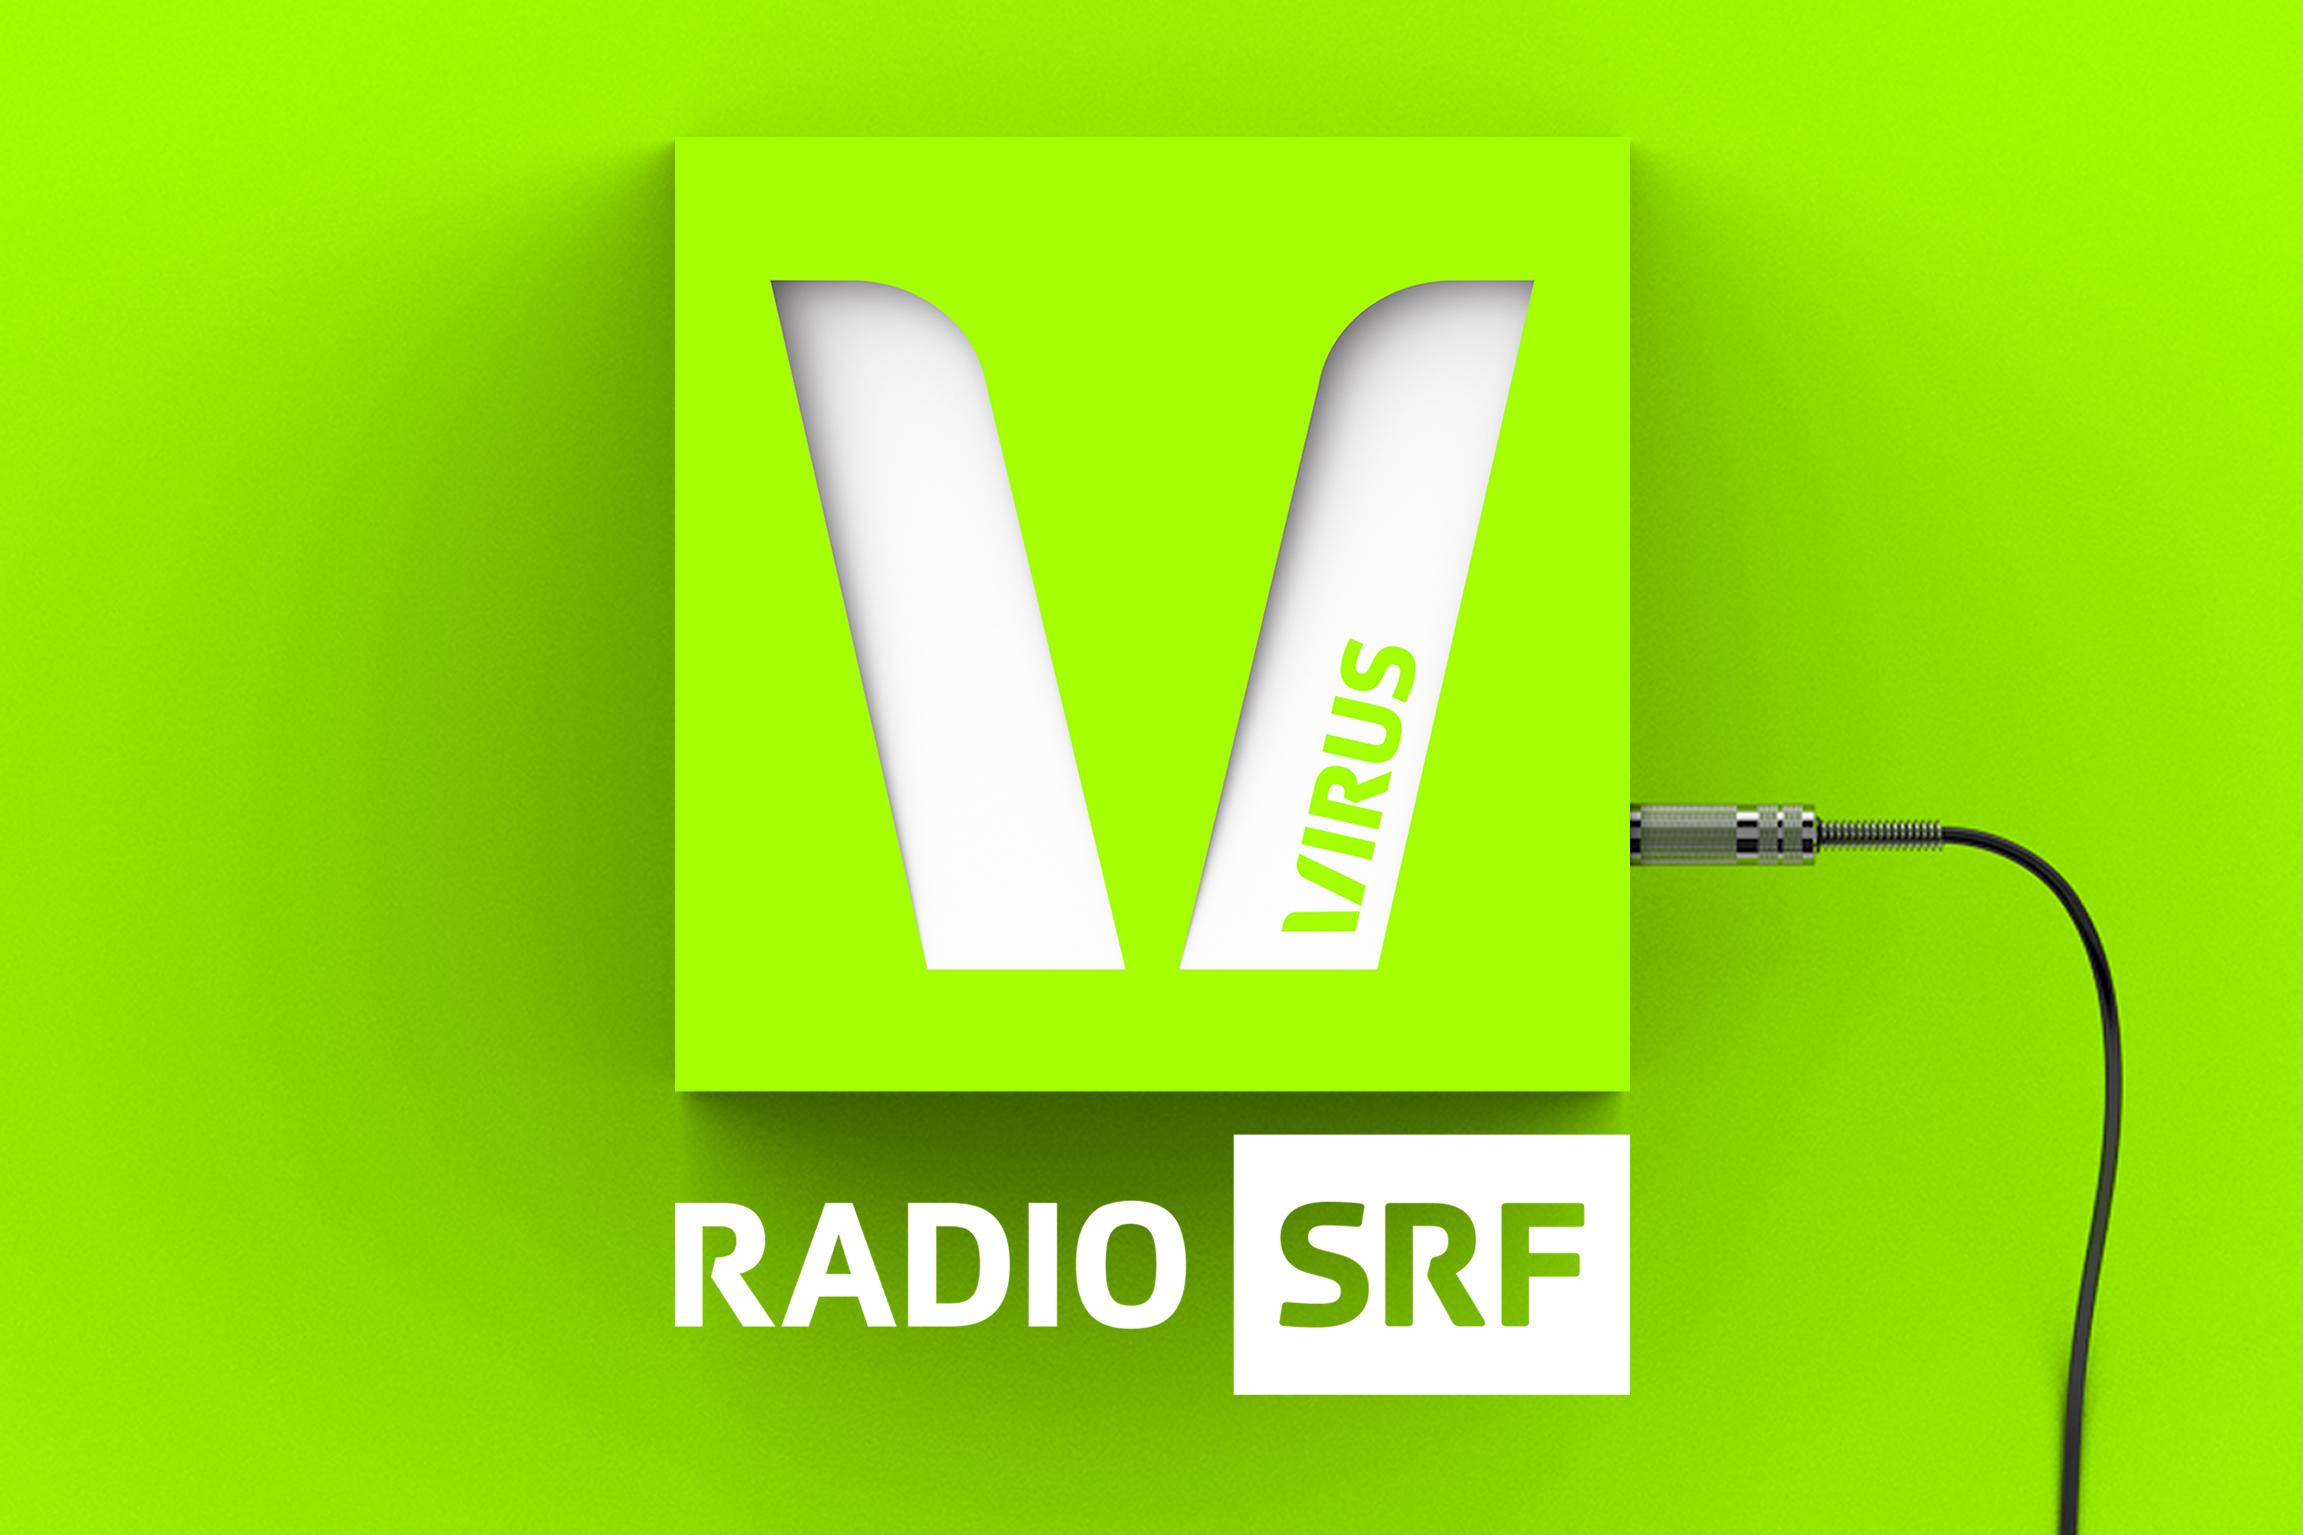 RADIO_SRF_VIRUS_RGB_195x130